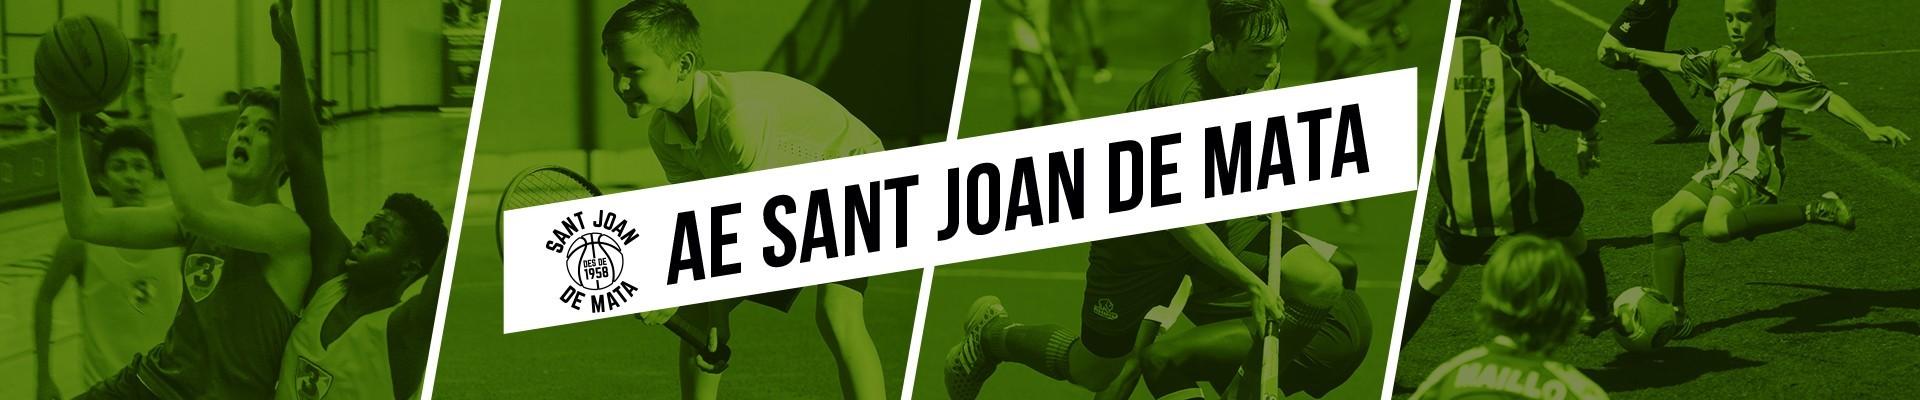 AE SANT JOAN DE MATA 15